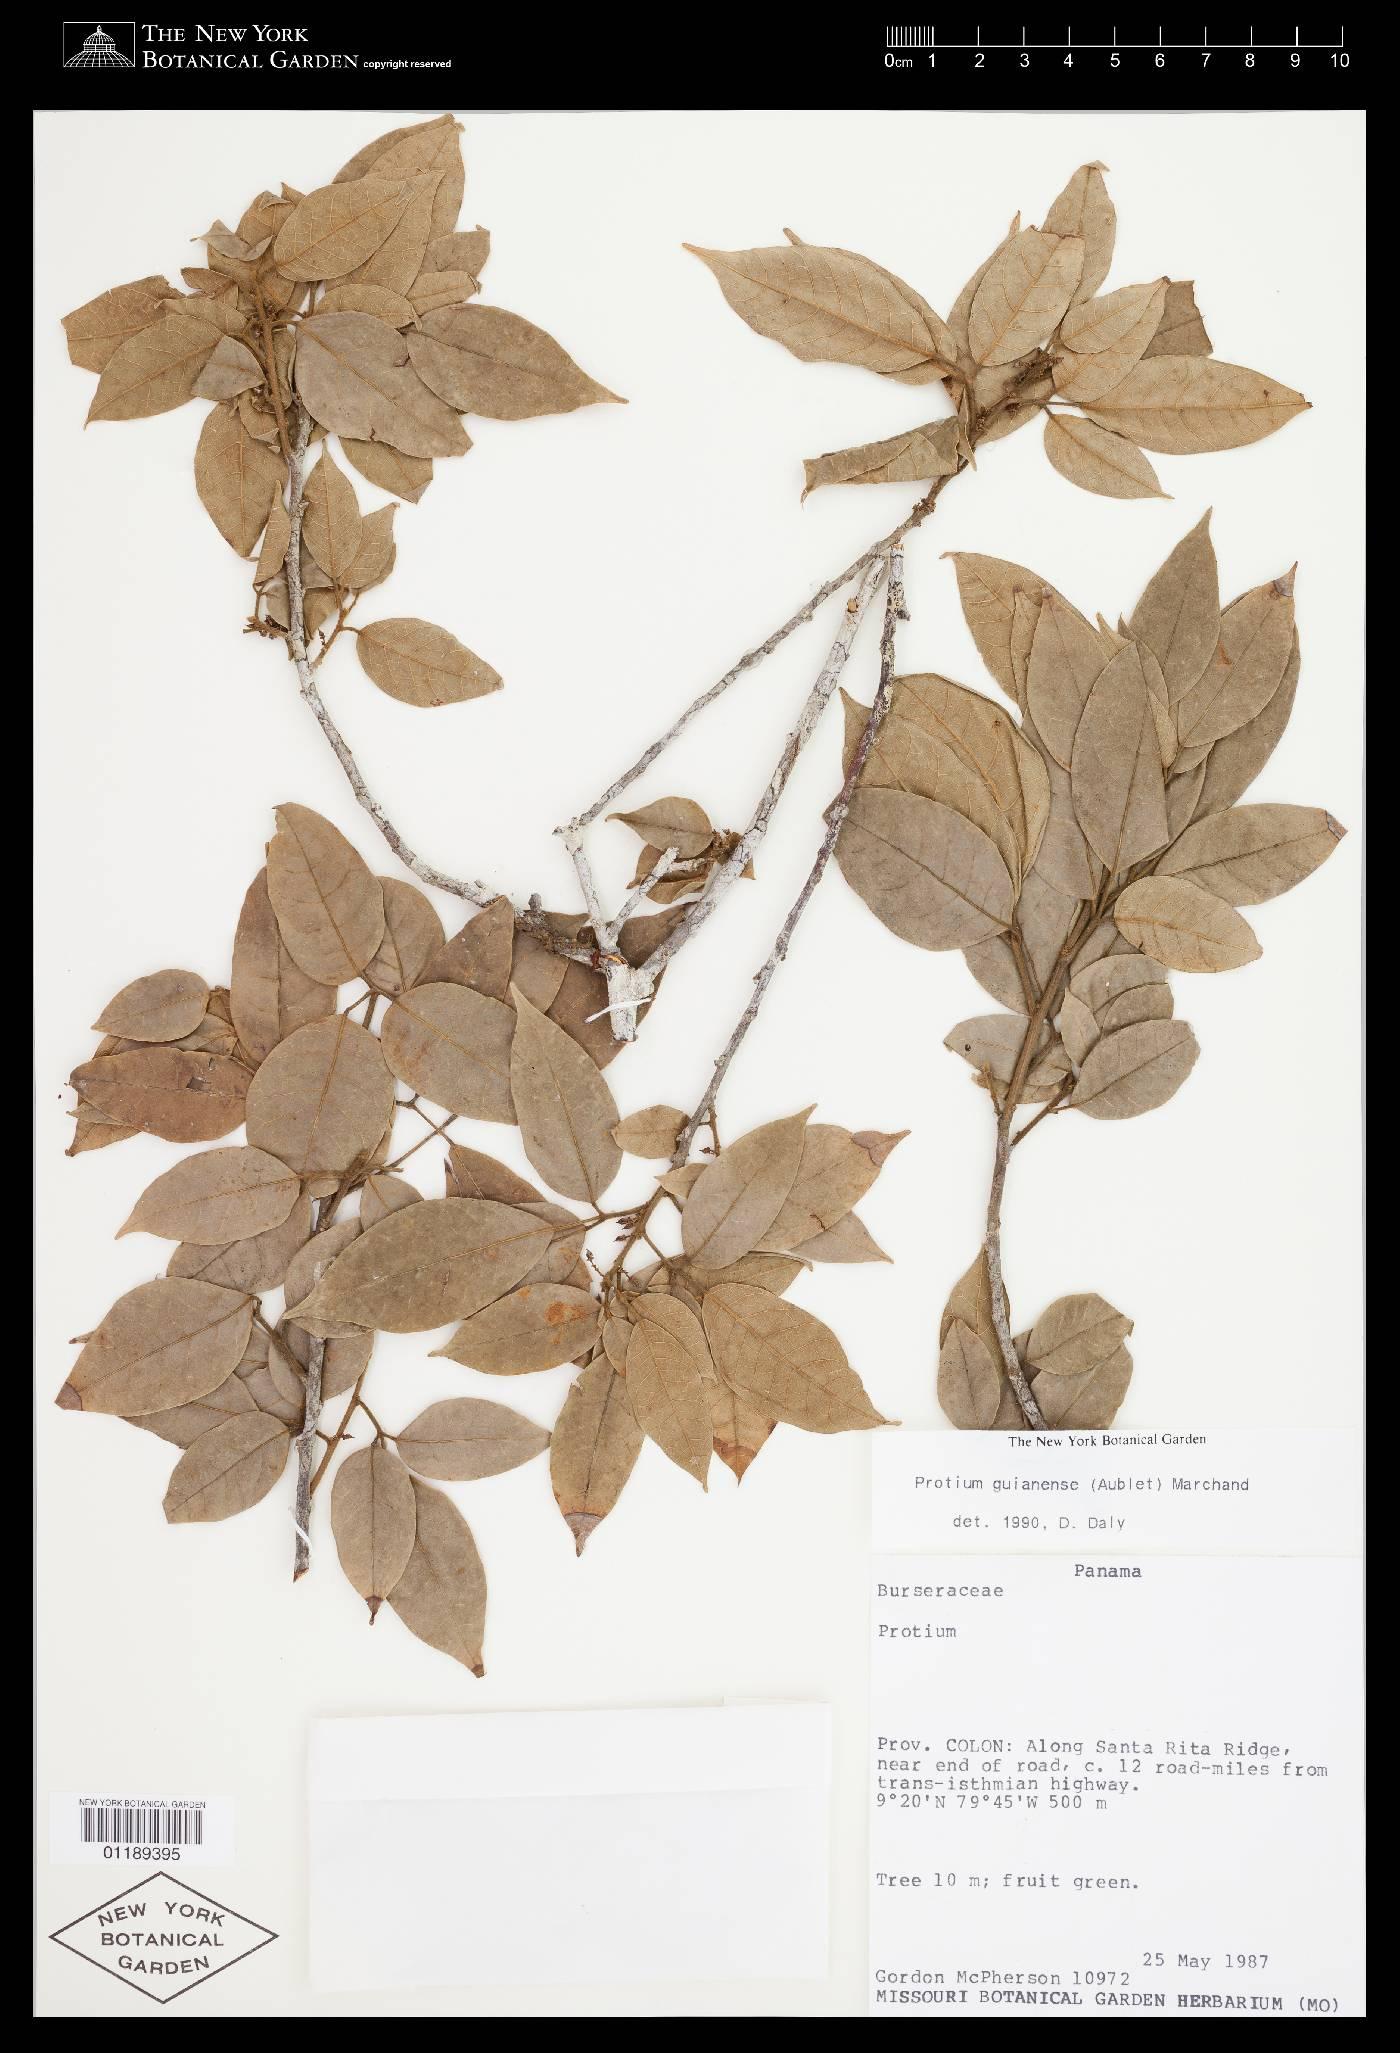 Protium guianense image